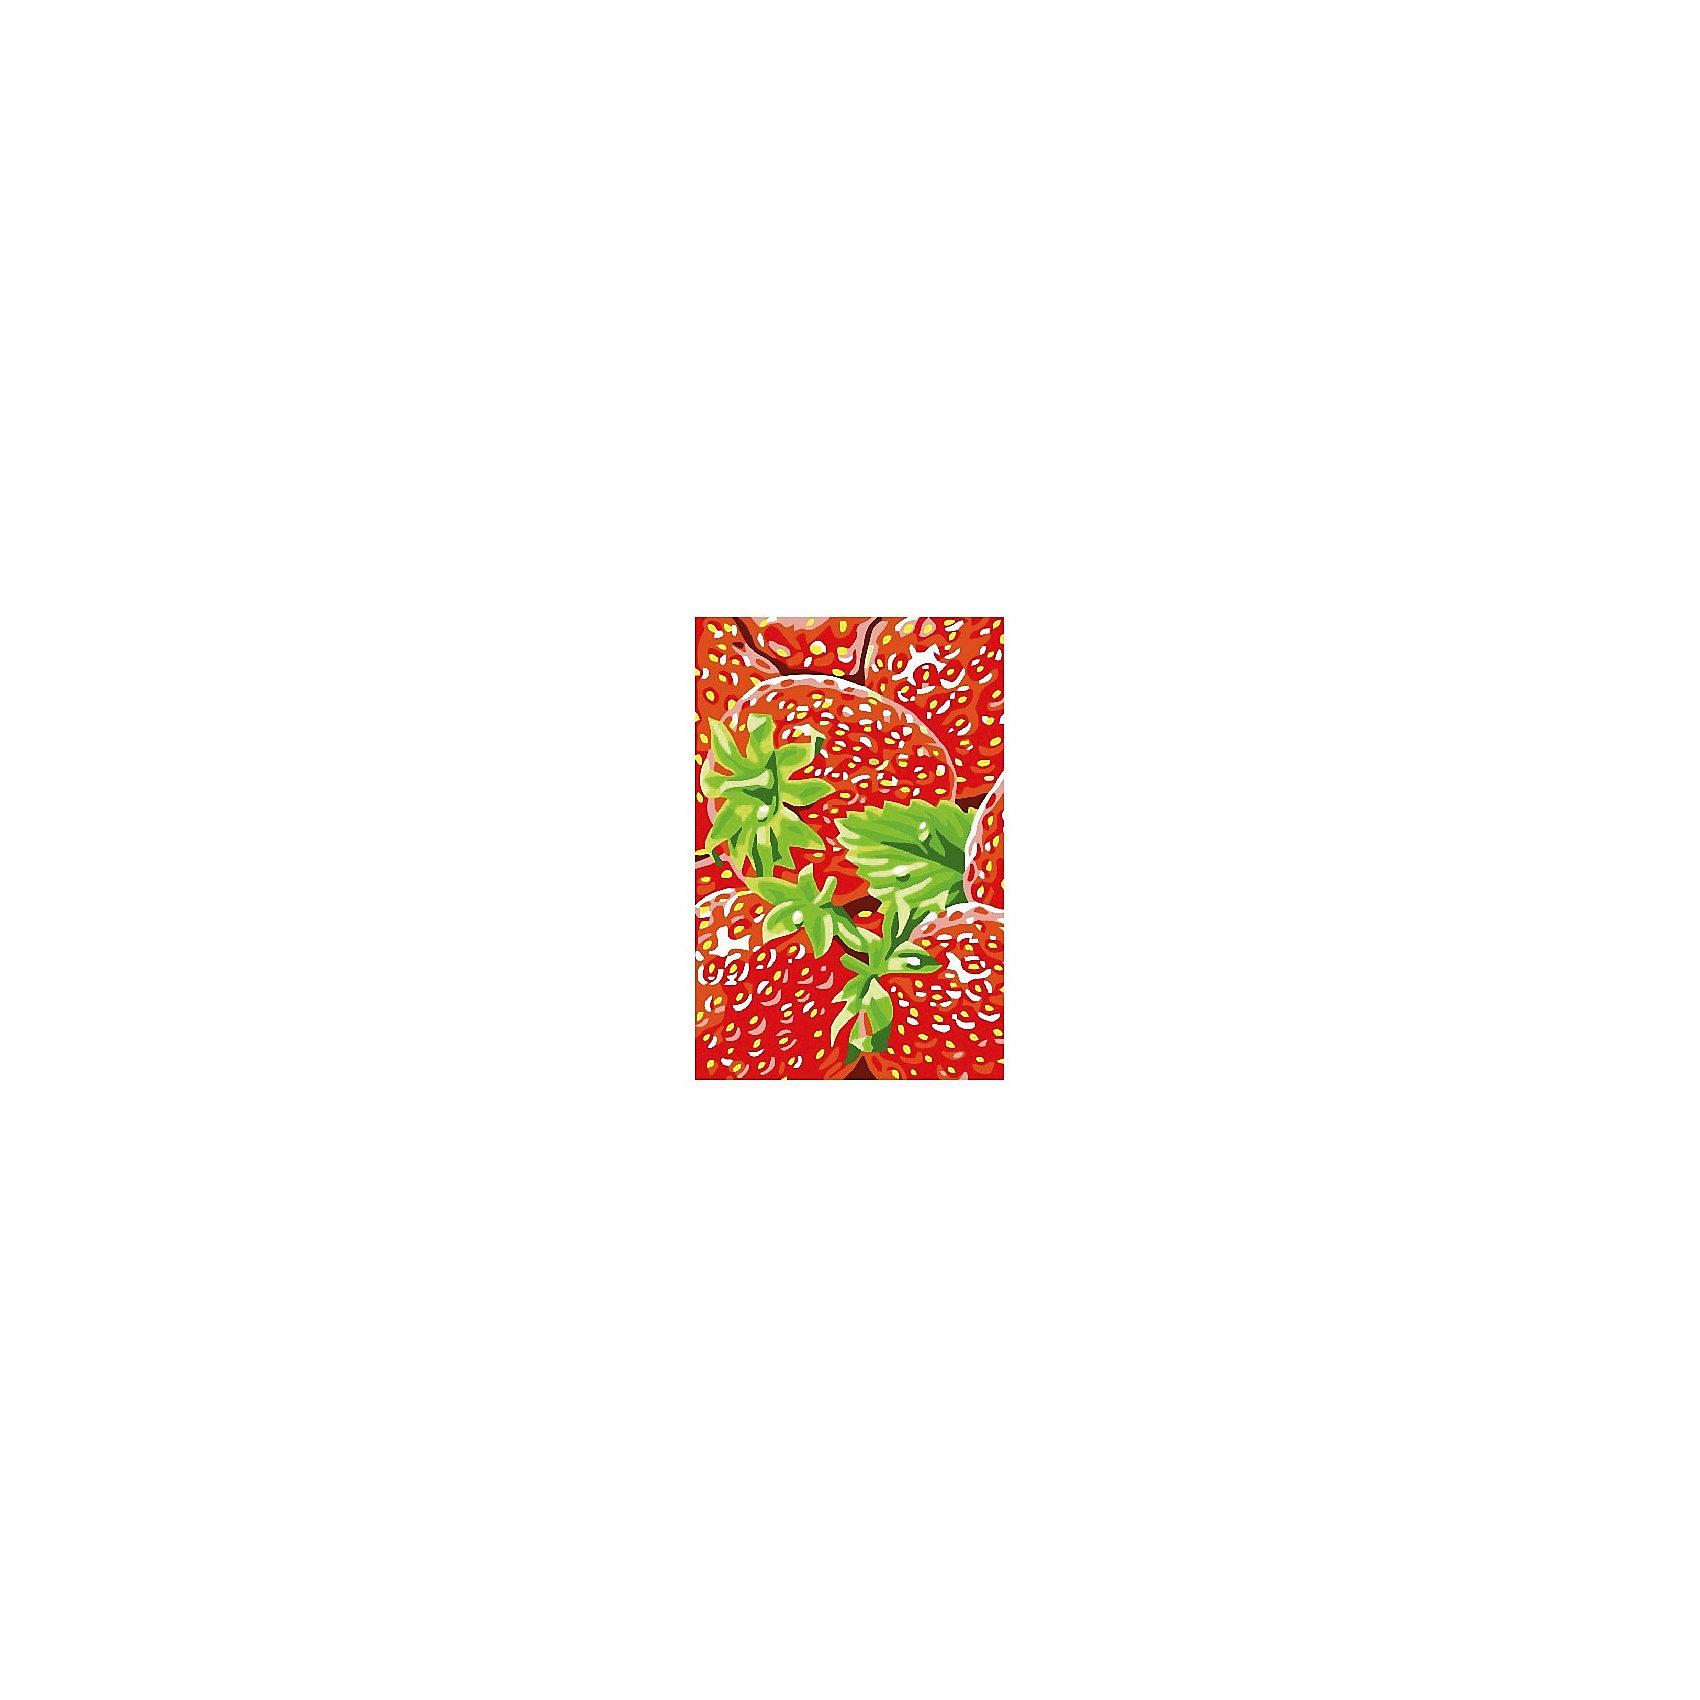 Набор юного художника Клубника, 20*30 смДетские картины с раскраской по номерам размером 20*30. На деревянном подрамнике, с прогрунтованным холстом и  нанесенными контурами картины, с указанием цвета закраски, акриловыми красками, 3 кисточками и креплением на стену. Уровень сложности, количество красок указаны на коробке.<br><br>Ширина мм: 300<br>Глубина мм: 200<br>Высота мм: 30<br>Вес г: 330<br>Возраст от месяцев: 60<br>Возраст до месяцев: 2147483647<br>Пол: Унисекс<br>Возраст: Детский<br>SKU: 5417631